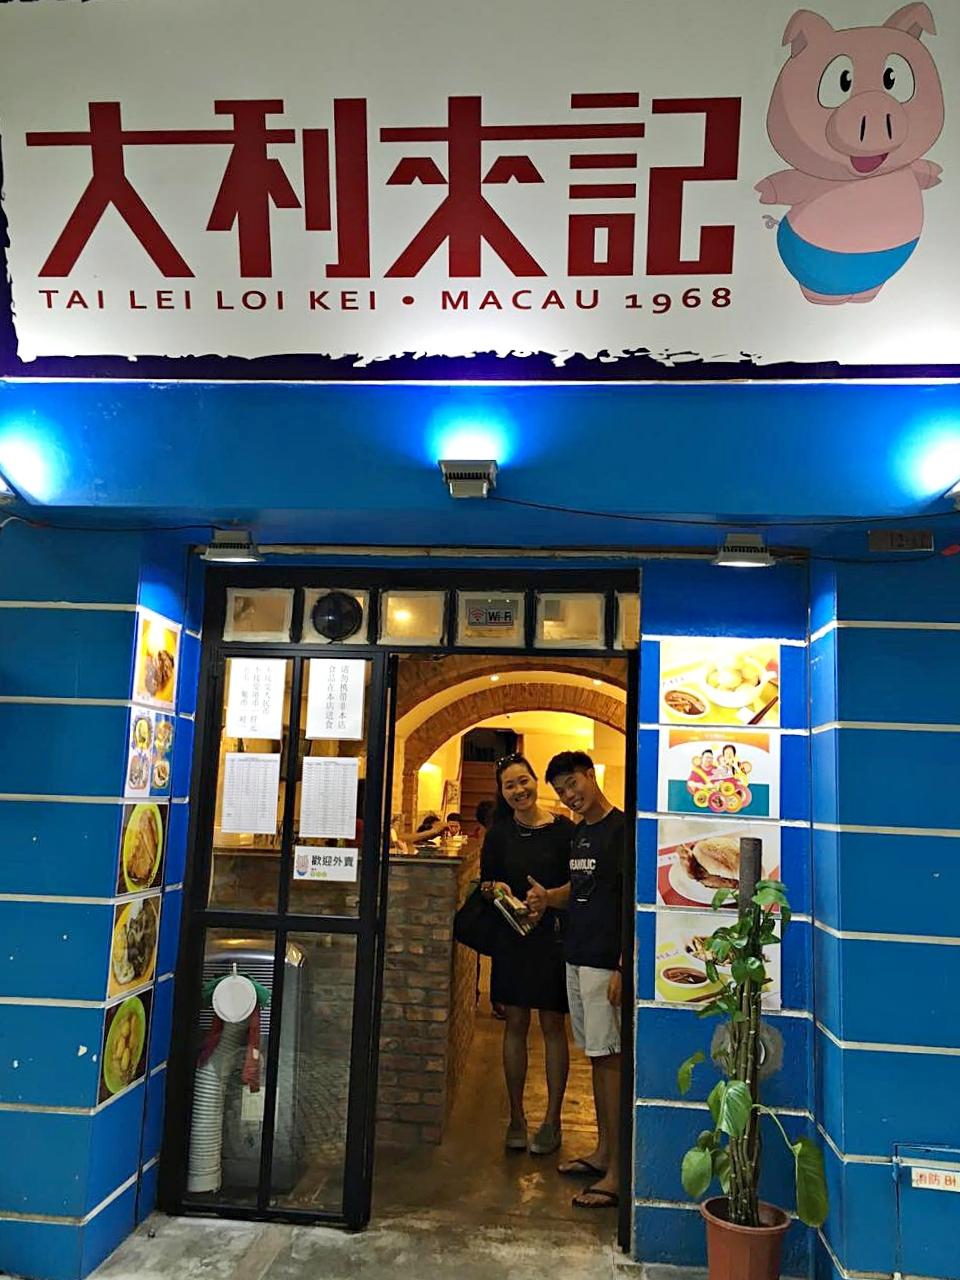 6 Nov 2015: Tai Lei Loi Kei 太利来记 | Macau, China